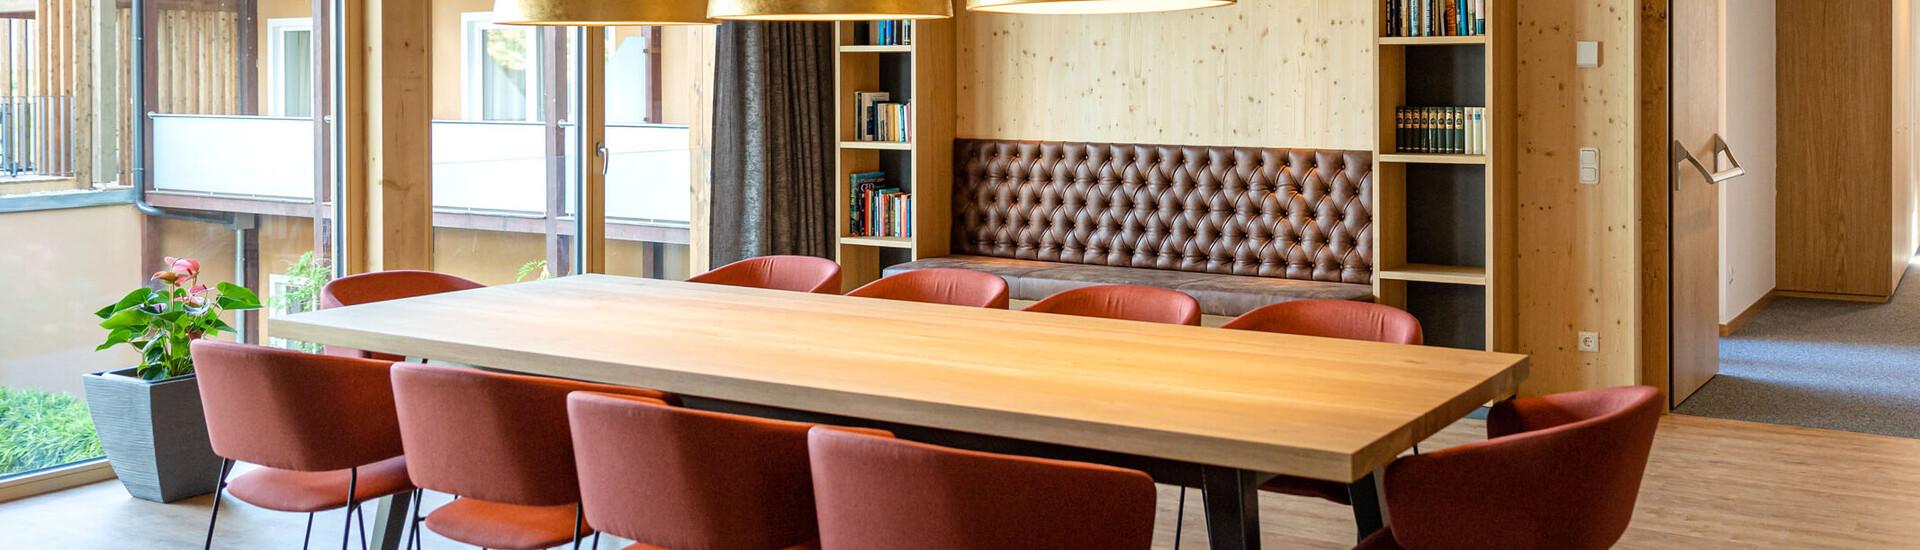 Die Bibliothek in der modernen Tagungslocation in Kärnten